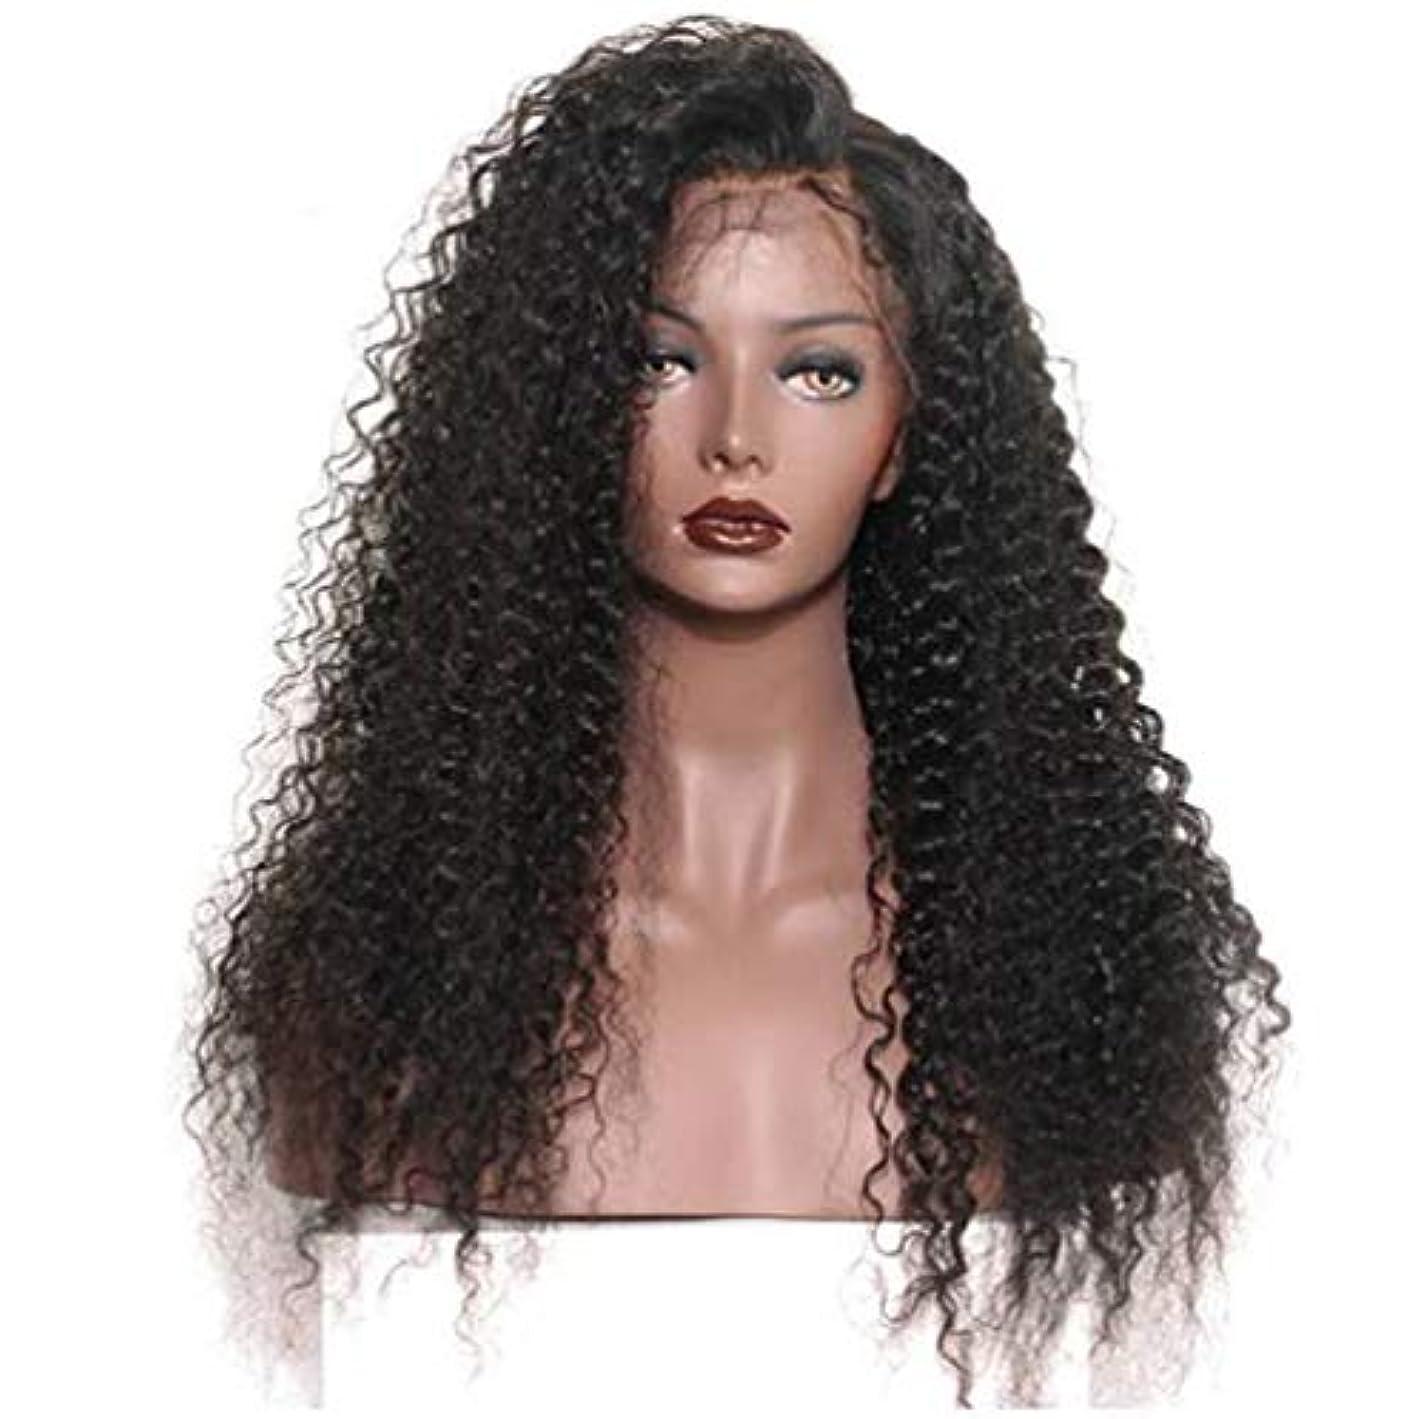 夢守銭奴拍車女性のレースフロントかつら人間の髪と赤ちゃんの毛合成ブラジルボディ波バージン毛150%密度黒24インチ